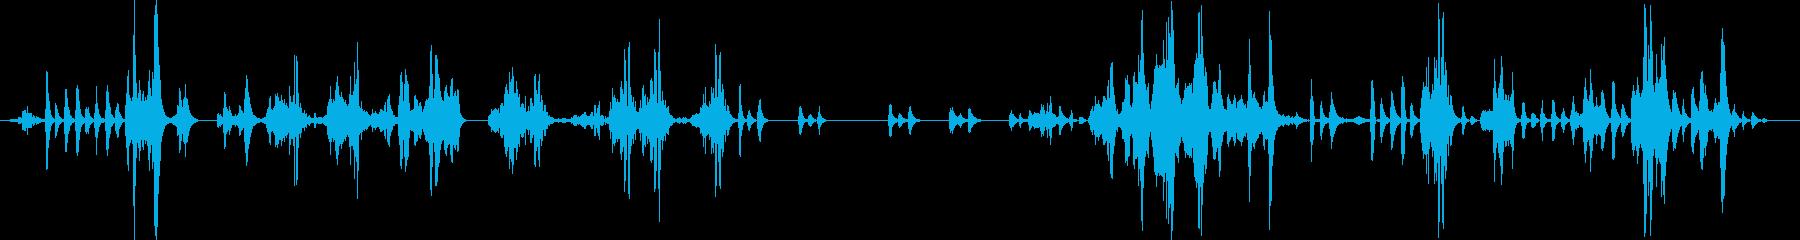 文字化けしたTribbleデータコ...の再生済みの波形